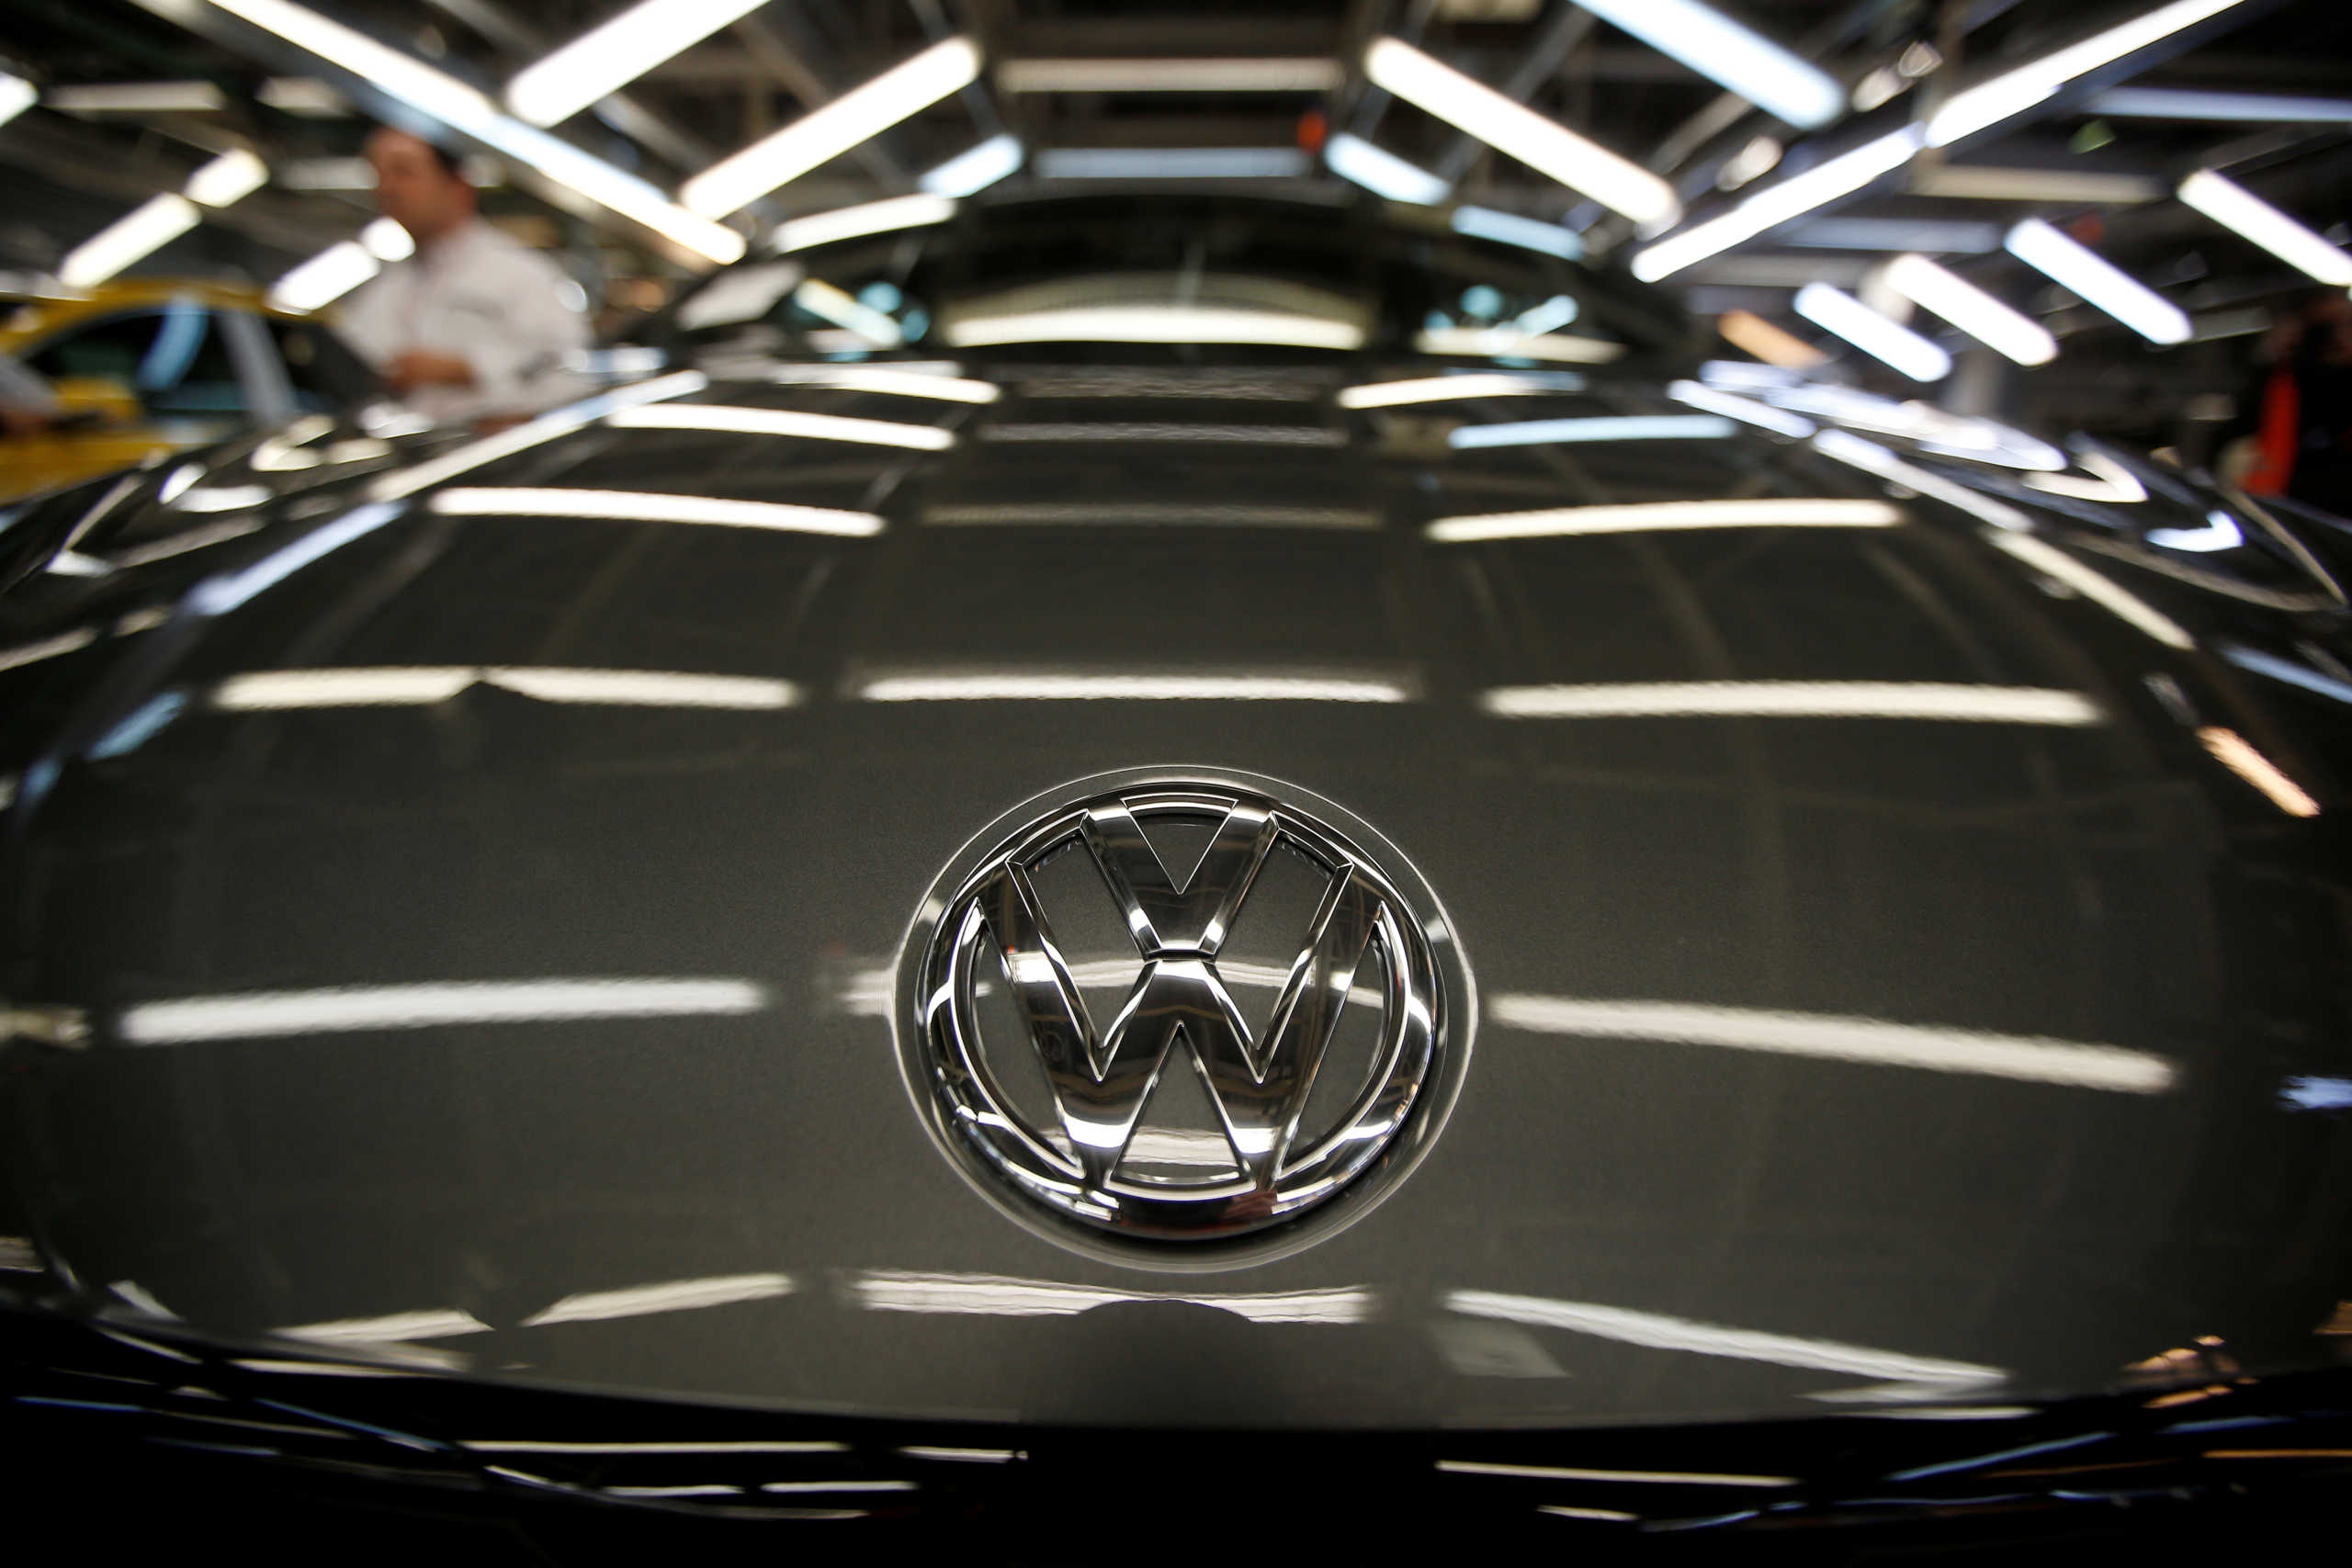 Η Volkswagen σκέφτεται να προχωρήσει σε 30.000 απολύσεις